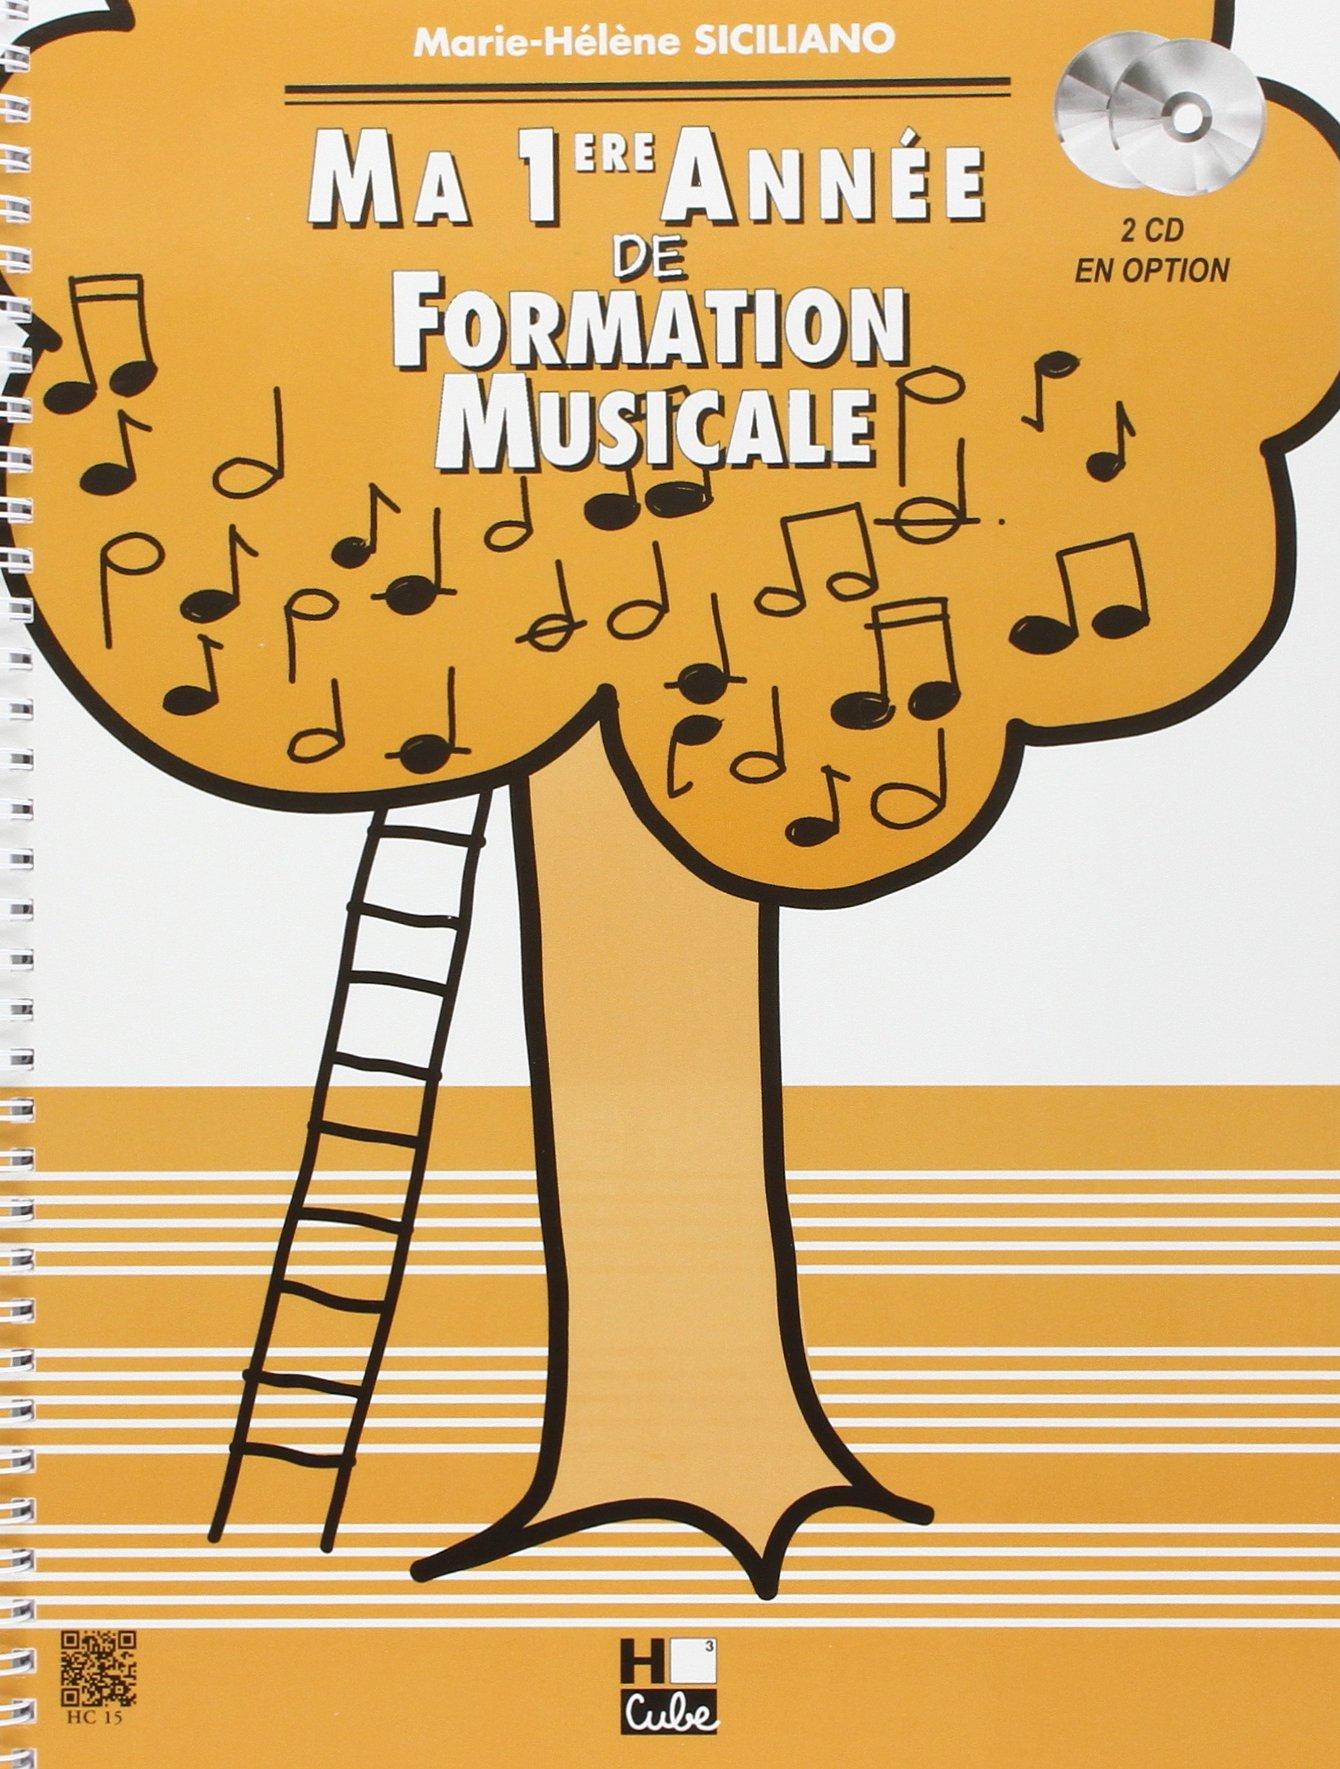 Ma 1ère année de formation musicale Partition – 6 septembre 1995 Marie-Hélène Siciliano H Cube B000ZGDN08 Musique